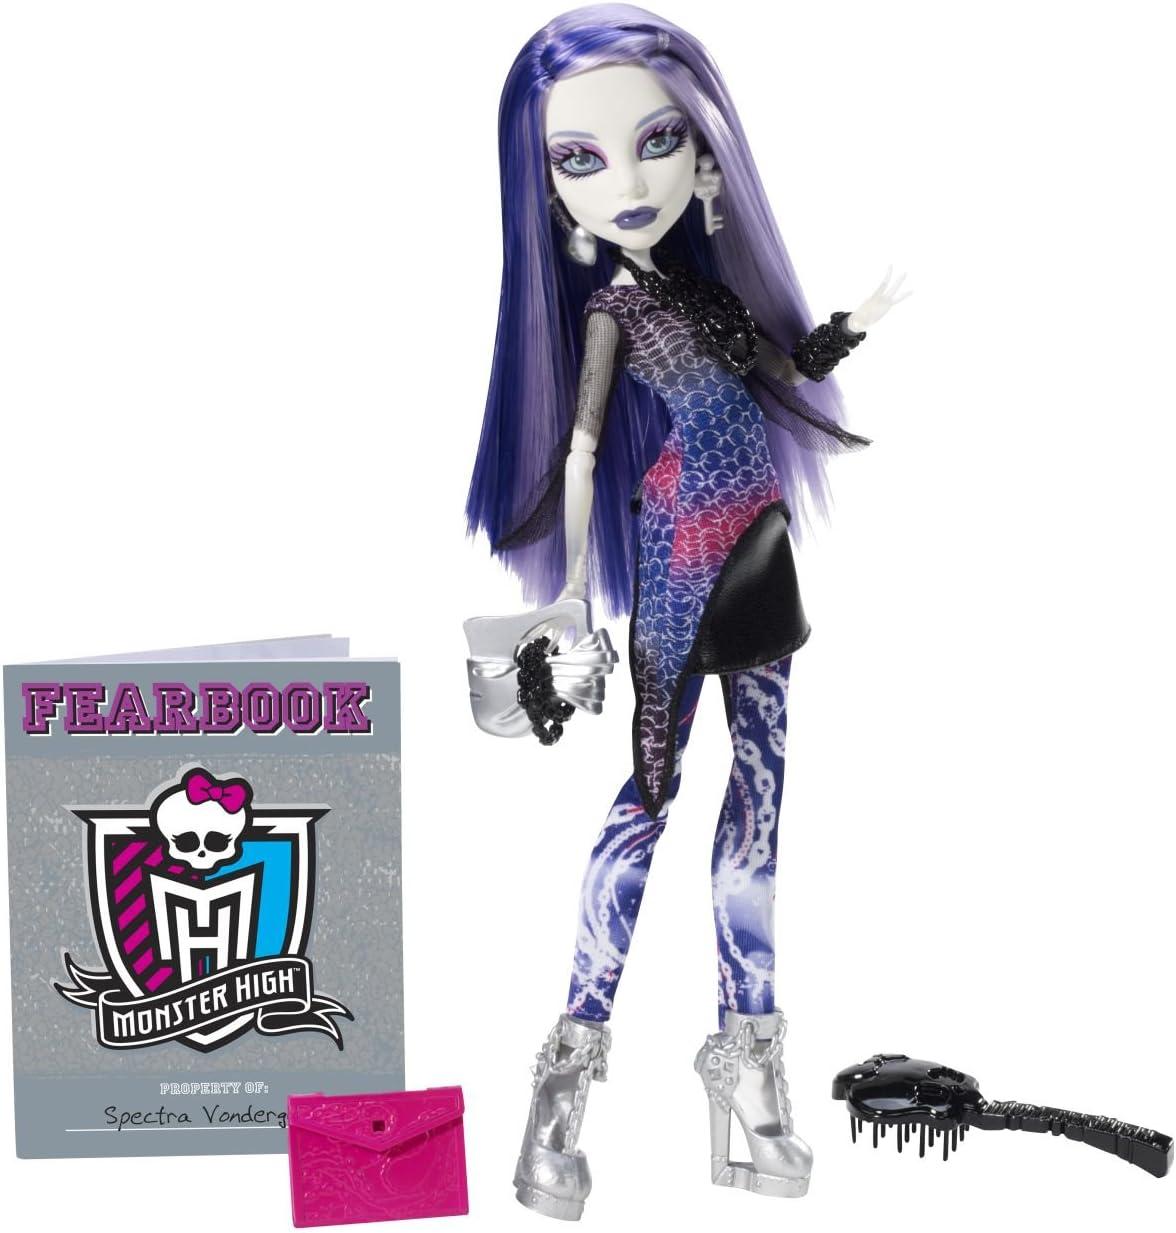 Amazon.es: Mattel Y8499 - Muñeca Monster High (Incluye anuario Escolar), diseño de Spectra Vondergeist: Juguetes y juegos